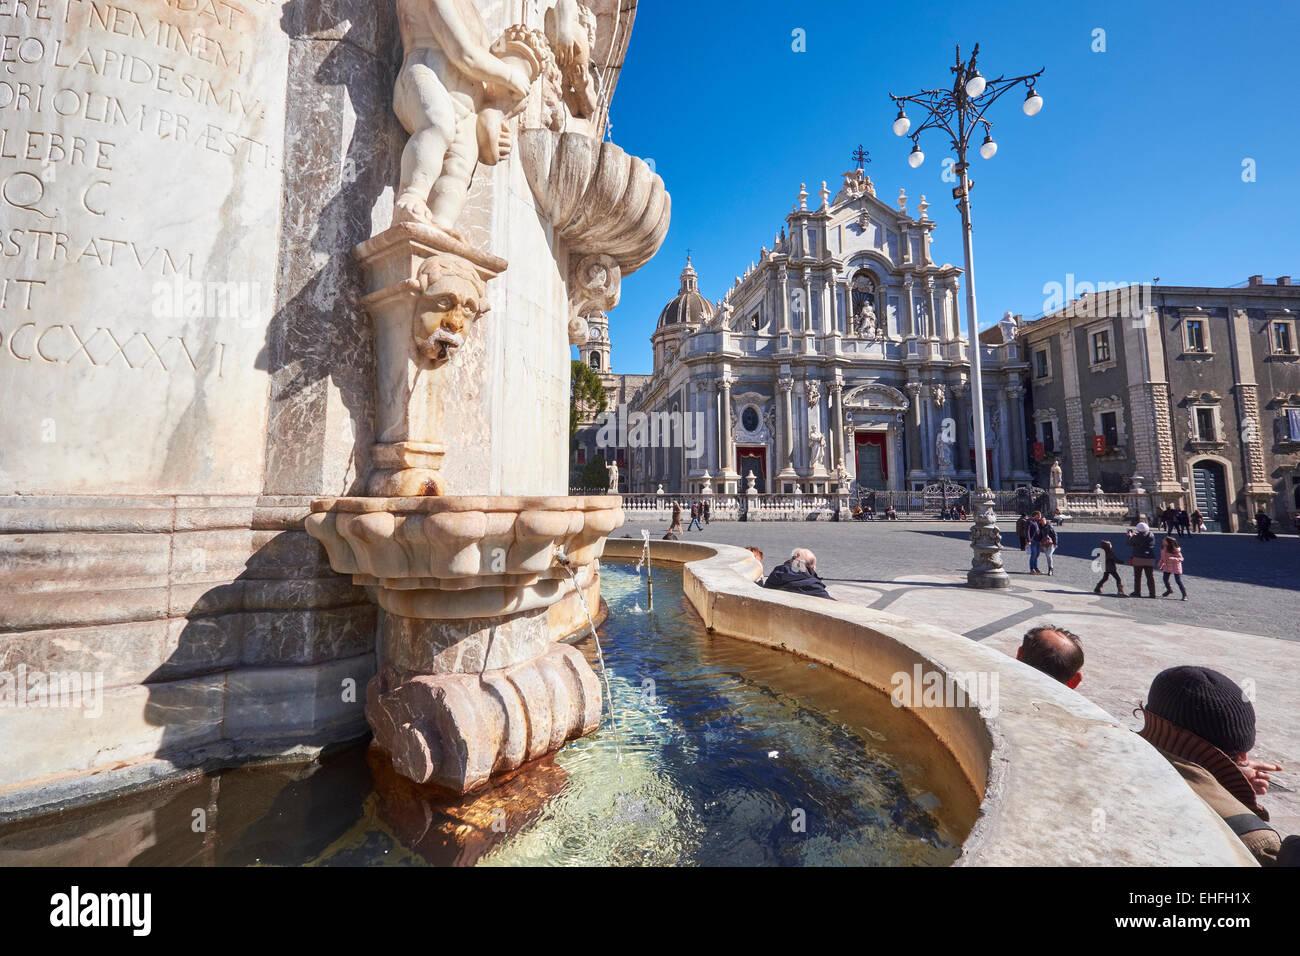 Kathedrale von St. Agatha mit dem Brunnen unterhalb der Lava Elefant in Catania, Sizilien, Italien. Stockbild